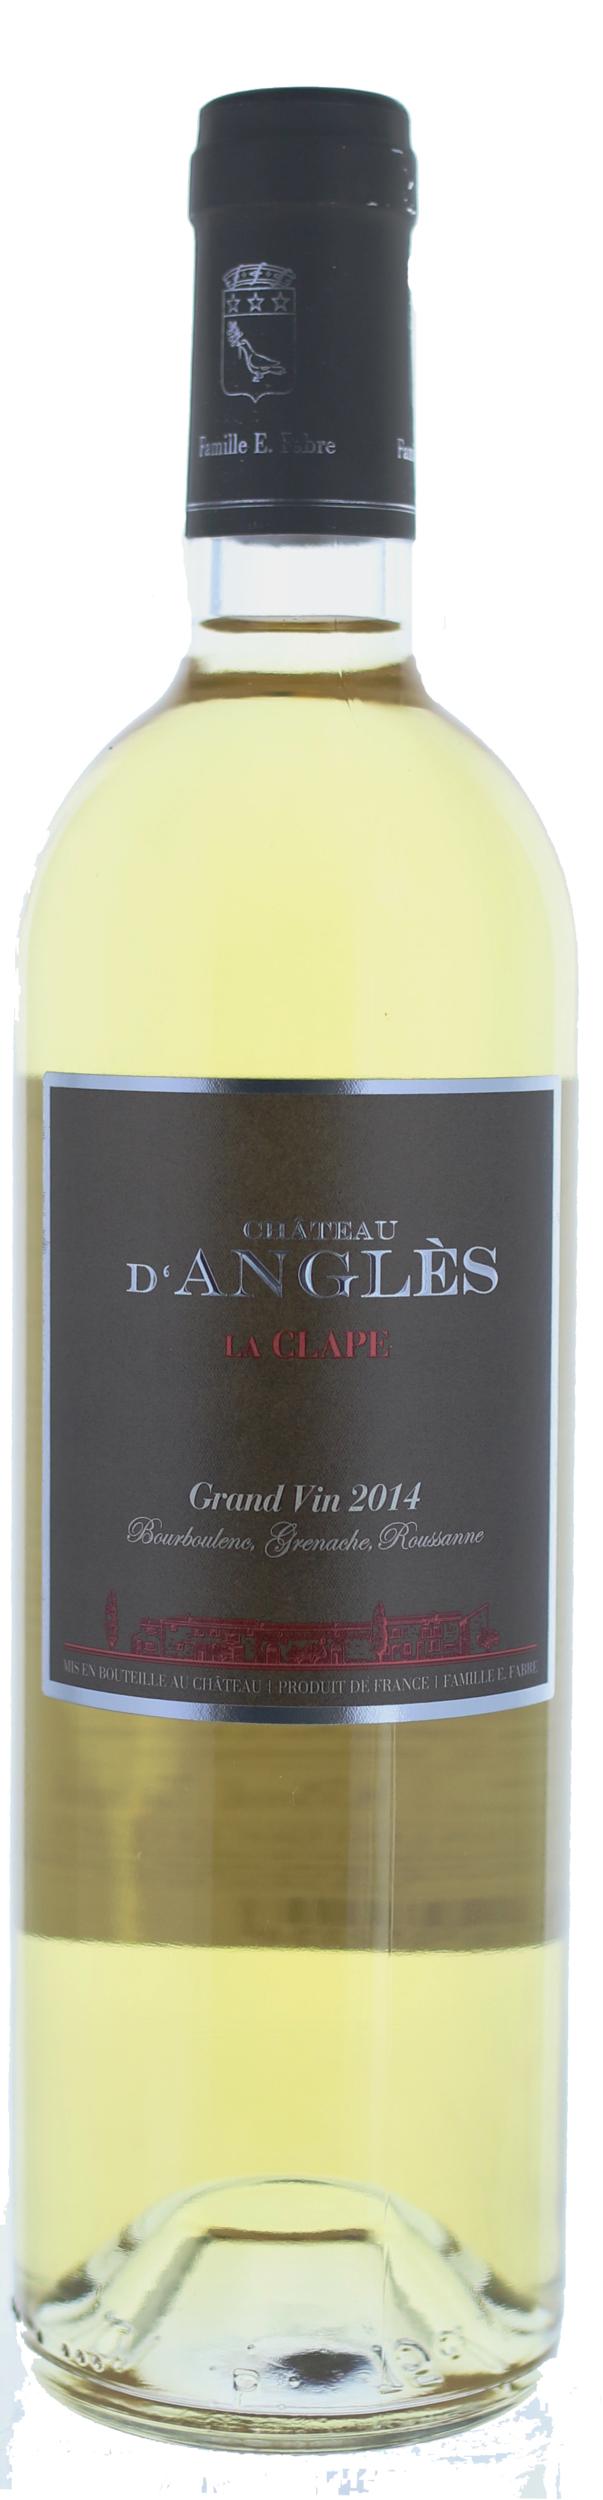 La Clape - Grand Vin Blanc - Château d\'Angles - 2015